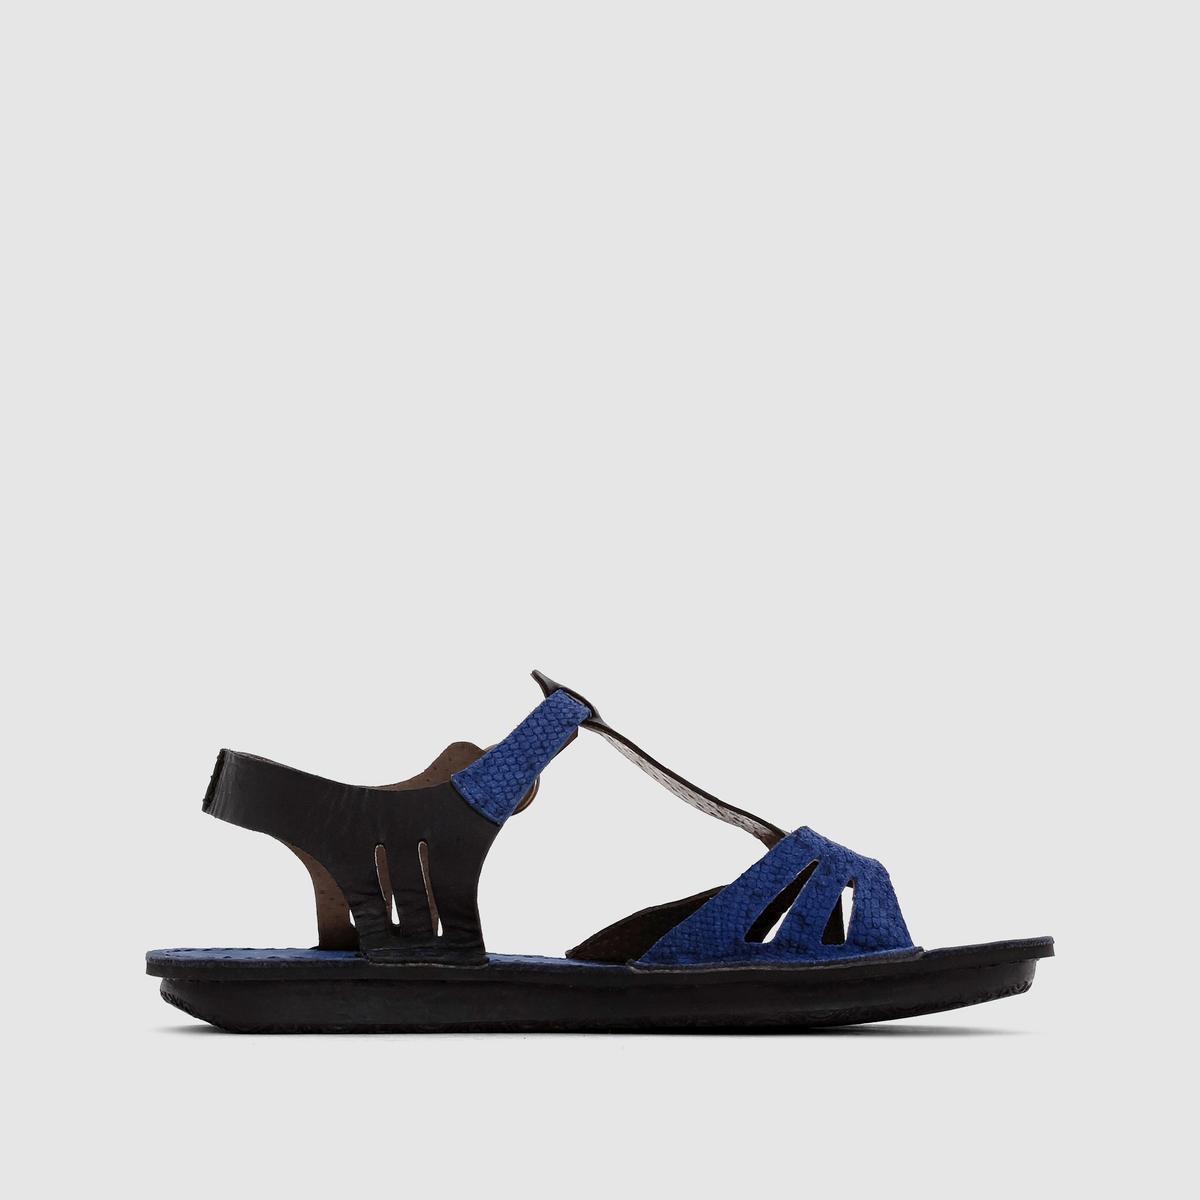 Сандалии кожаные на низком каблуке WaggbisОчень удобные и стильные кожаные сандалии на низком каблуке - с ними каждая летная прогулка станет удовольствием!<br><br>Цвет: черный/ синий<br>Размер: 36